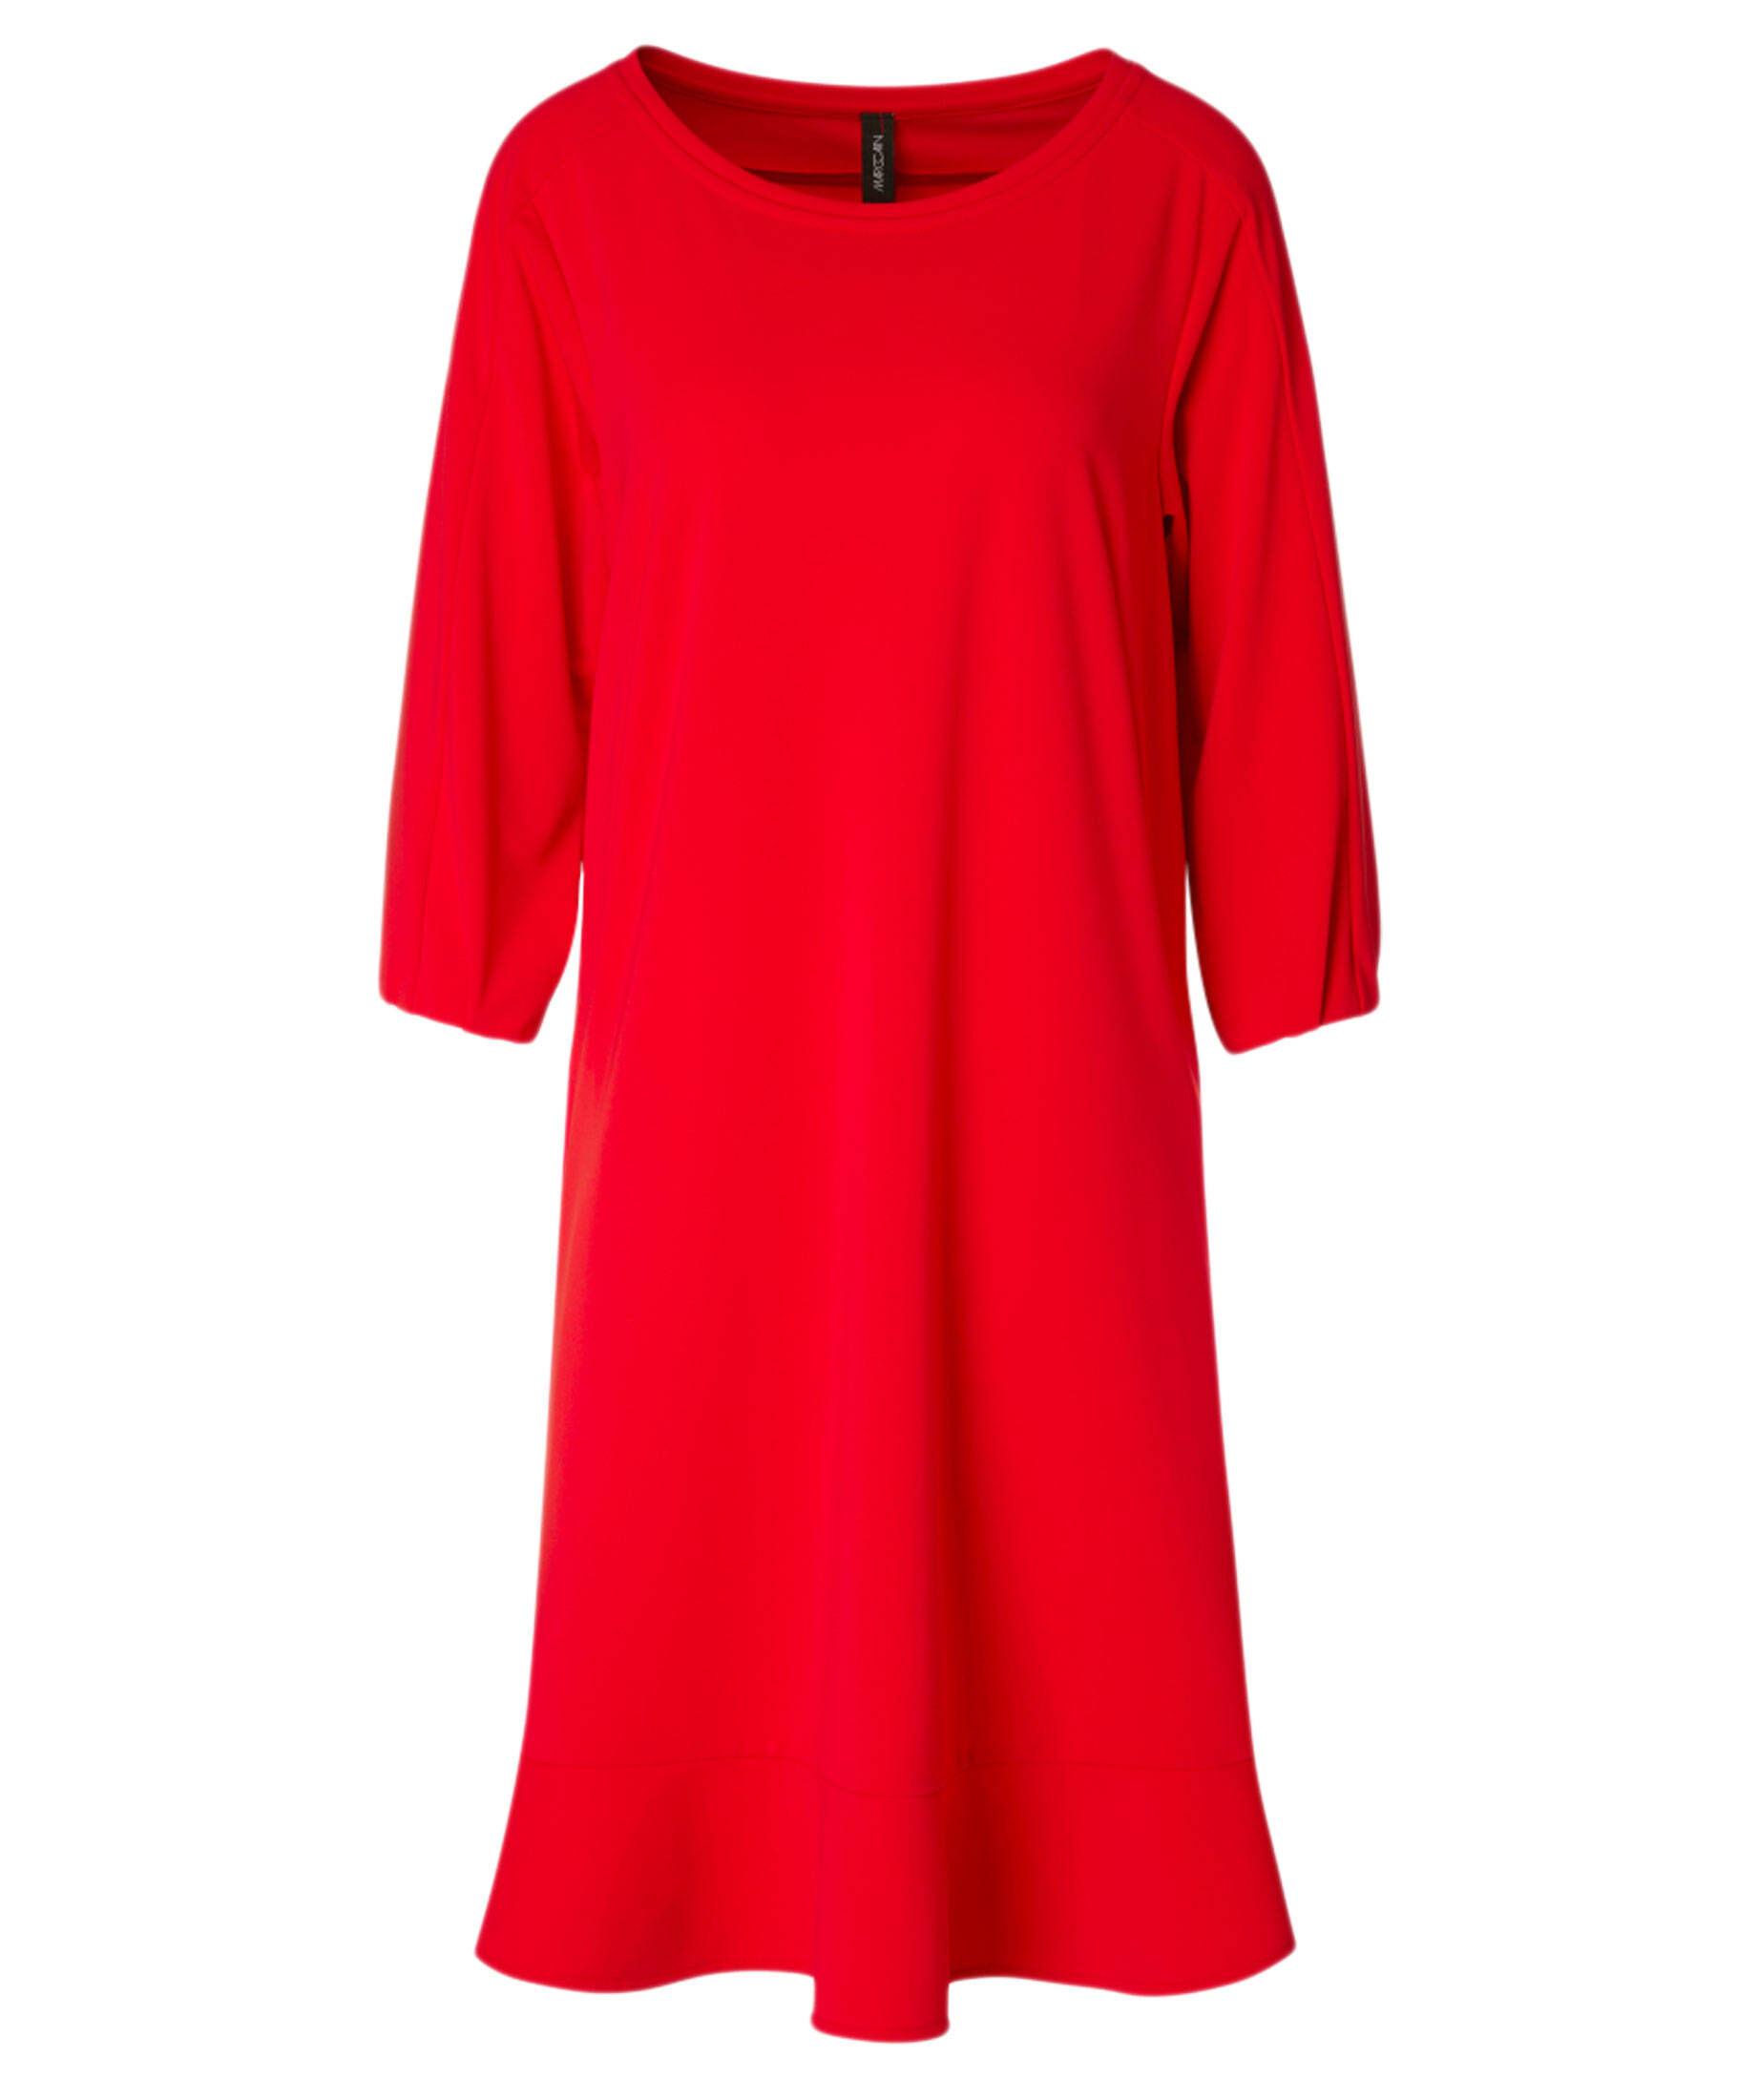 Perfekt Engelhorn Abend Kleider Vertrieb Abendkleid